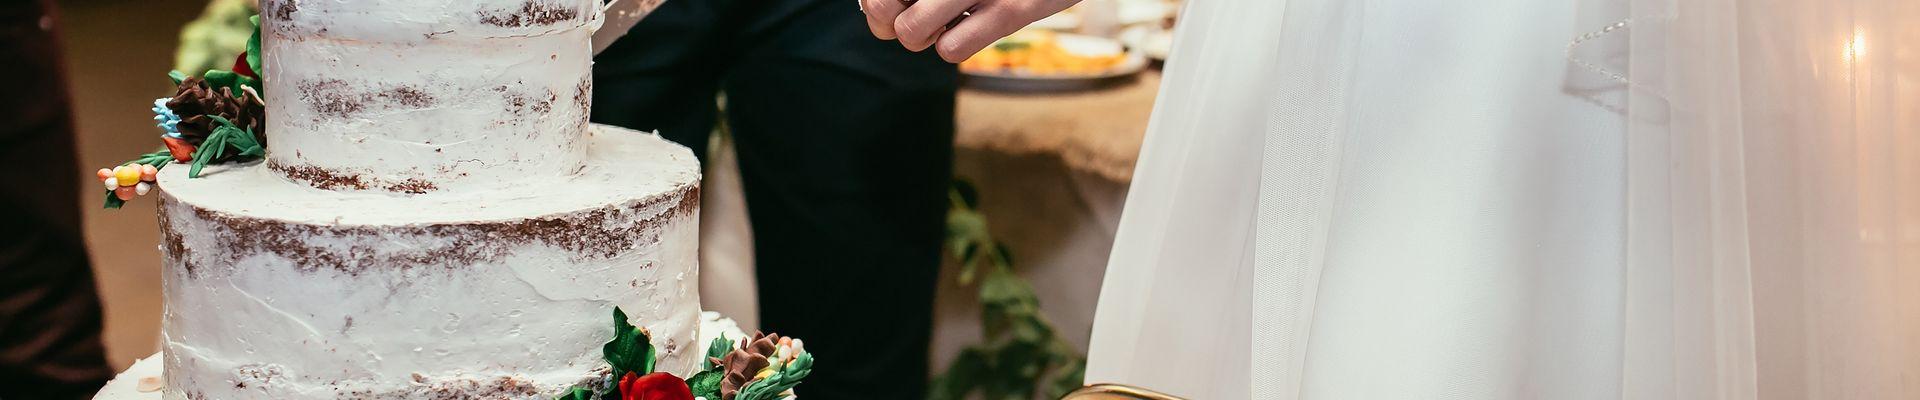 Patisserie, Hochzeitstorte, vintage Hochzeitstorte